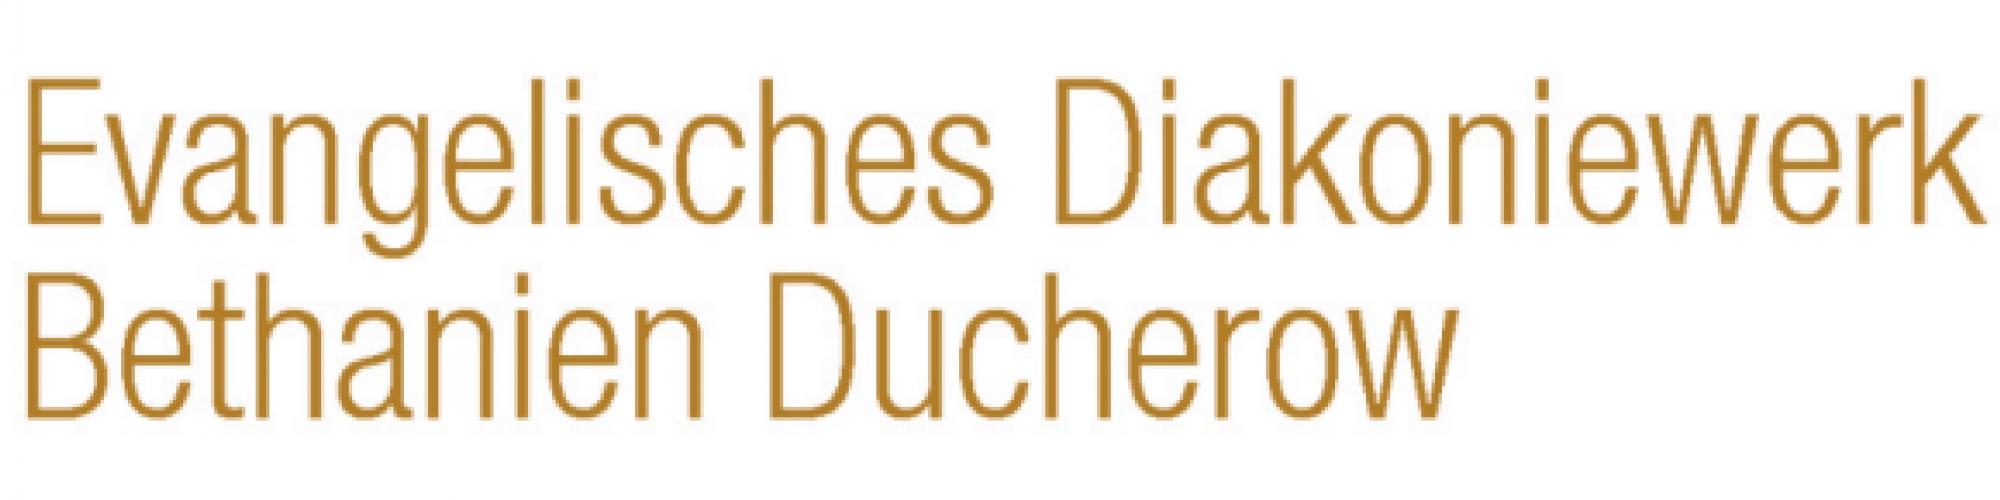 Evangelisches Diakoniewerk Bethanien Ducherow